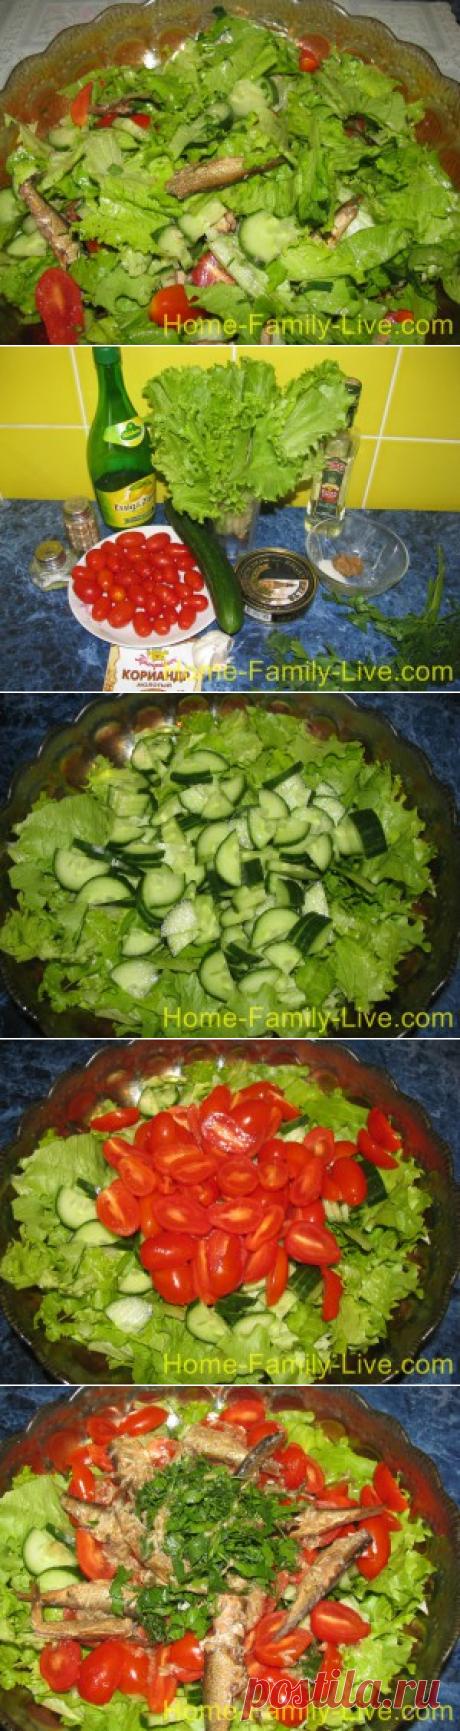 Салат из шпрот/Сайт с пошаговыми рецептами с фото для тех кто любит готовить